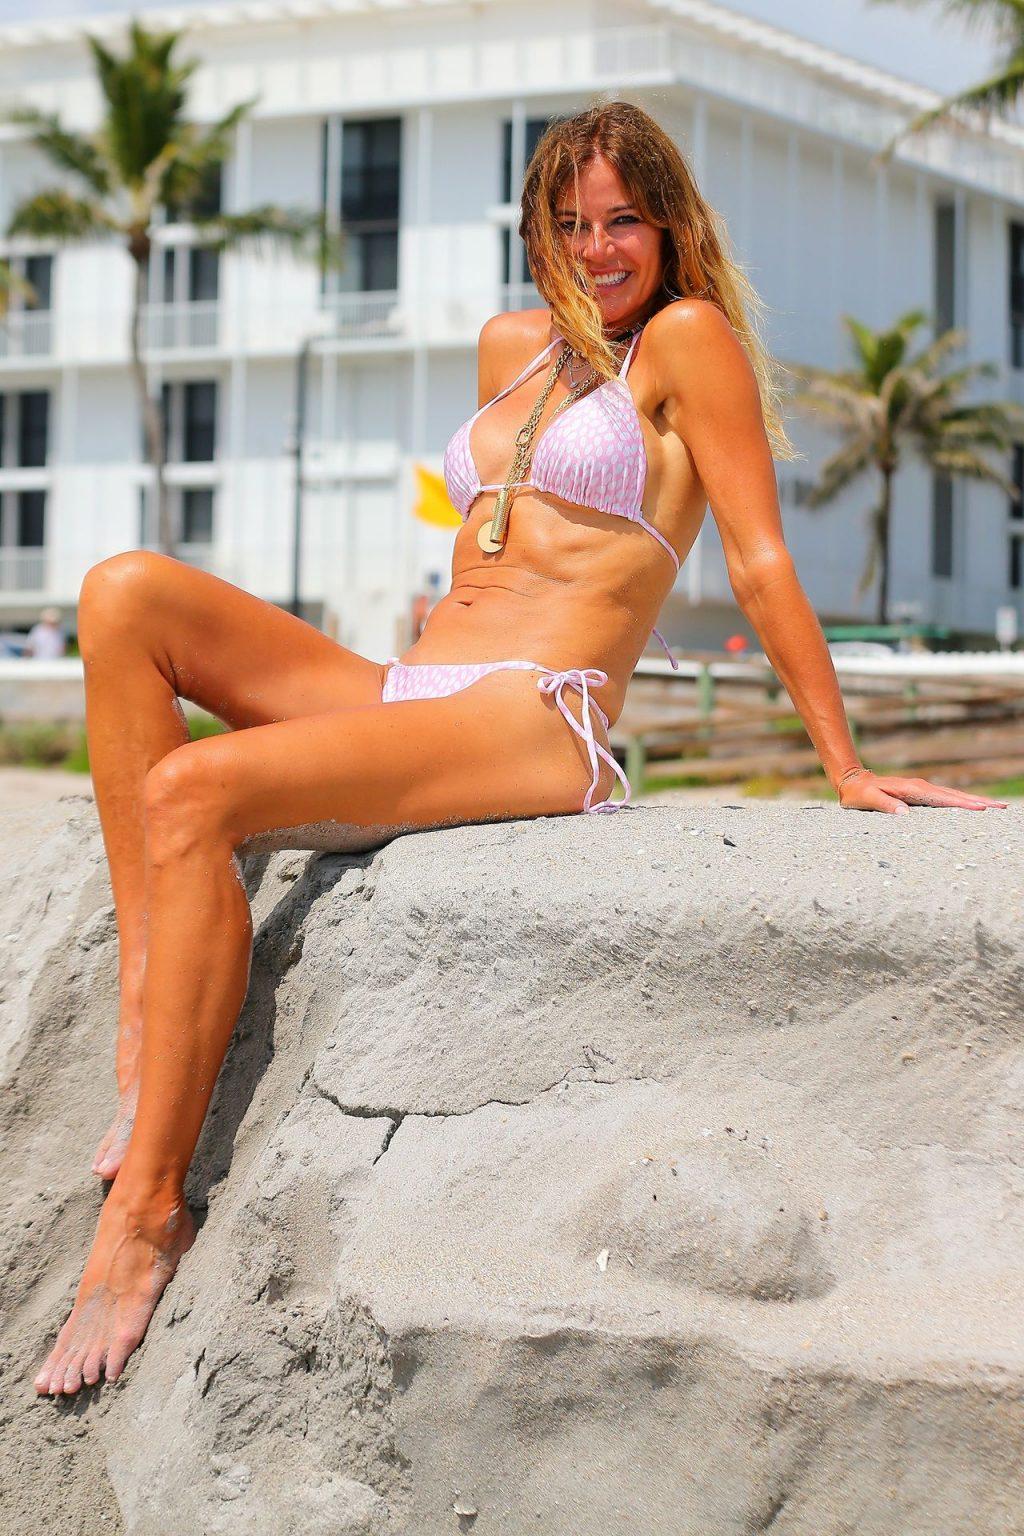 Kelly Bensimon Shows Off Her Bikini Fit Body (17 Photos)